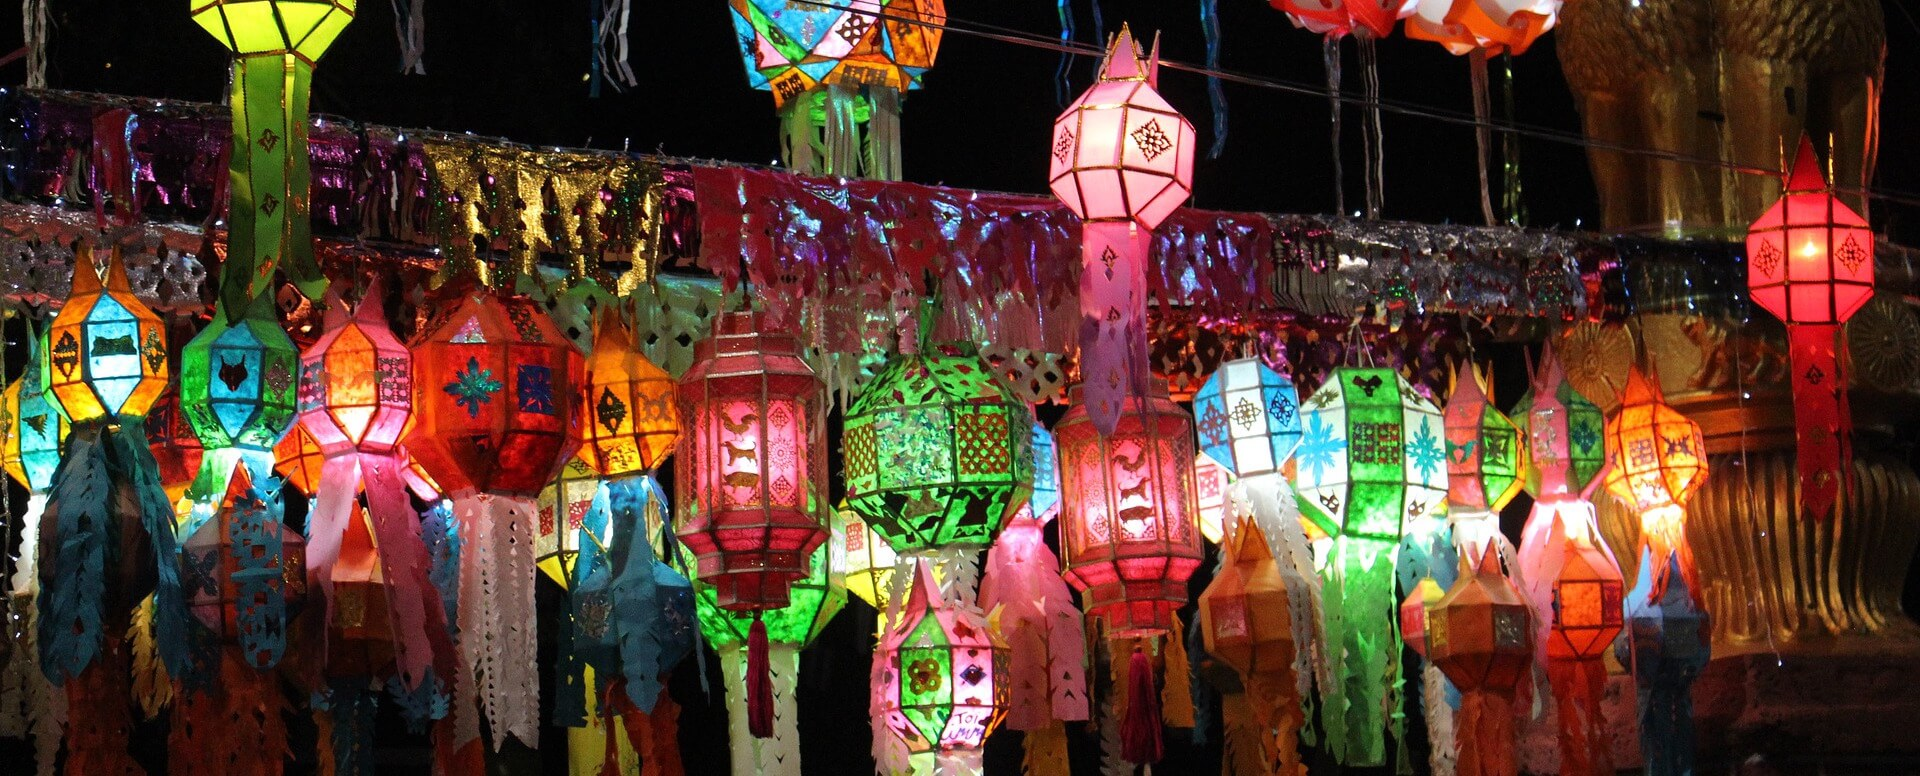 Des fêtes de rassemblement colorées - Thaïlande